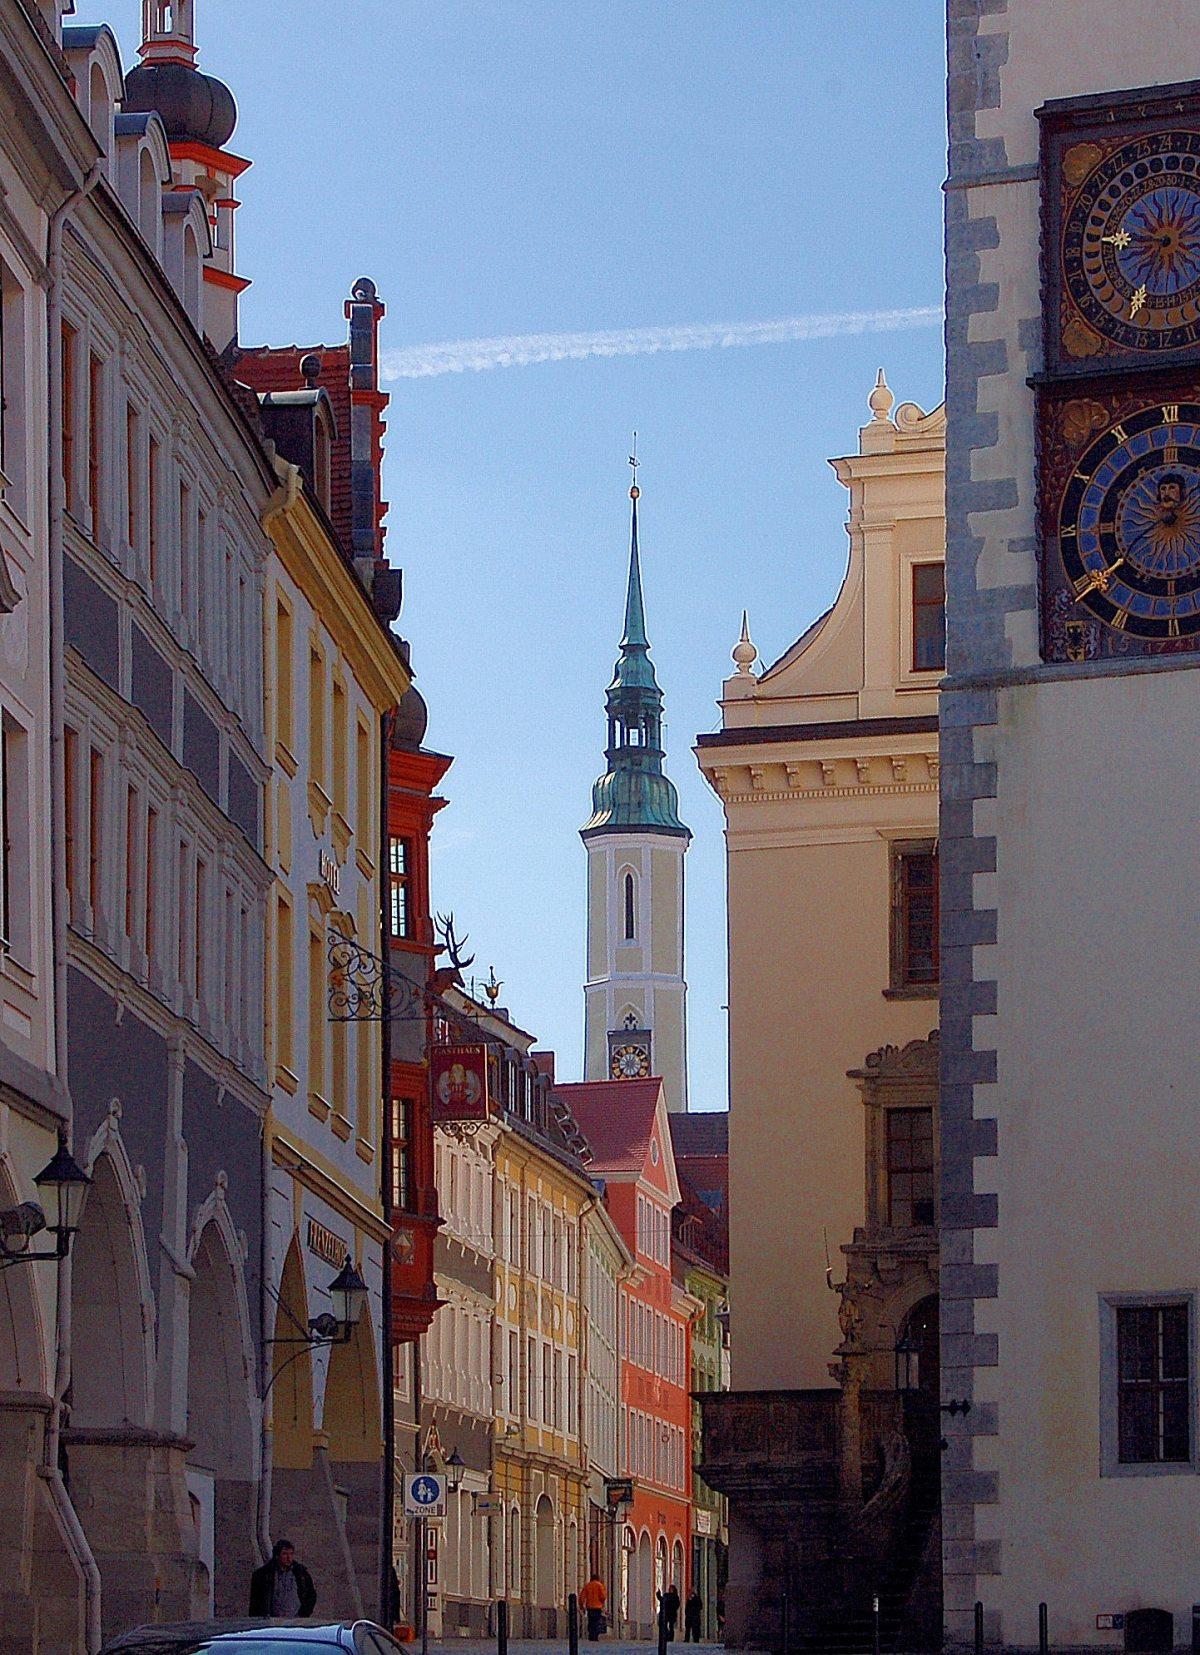 Brüderstraße in Görlitz